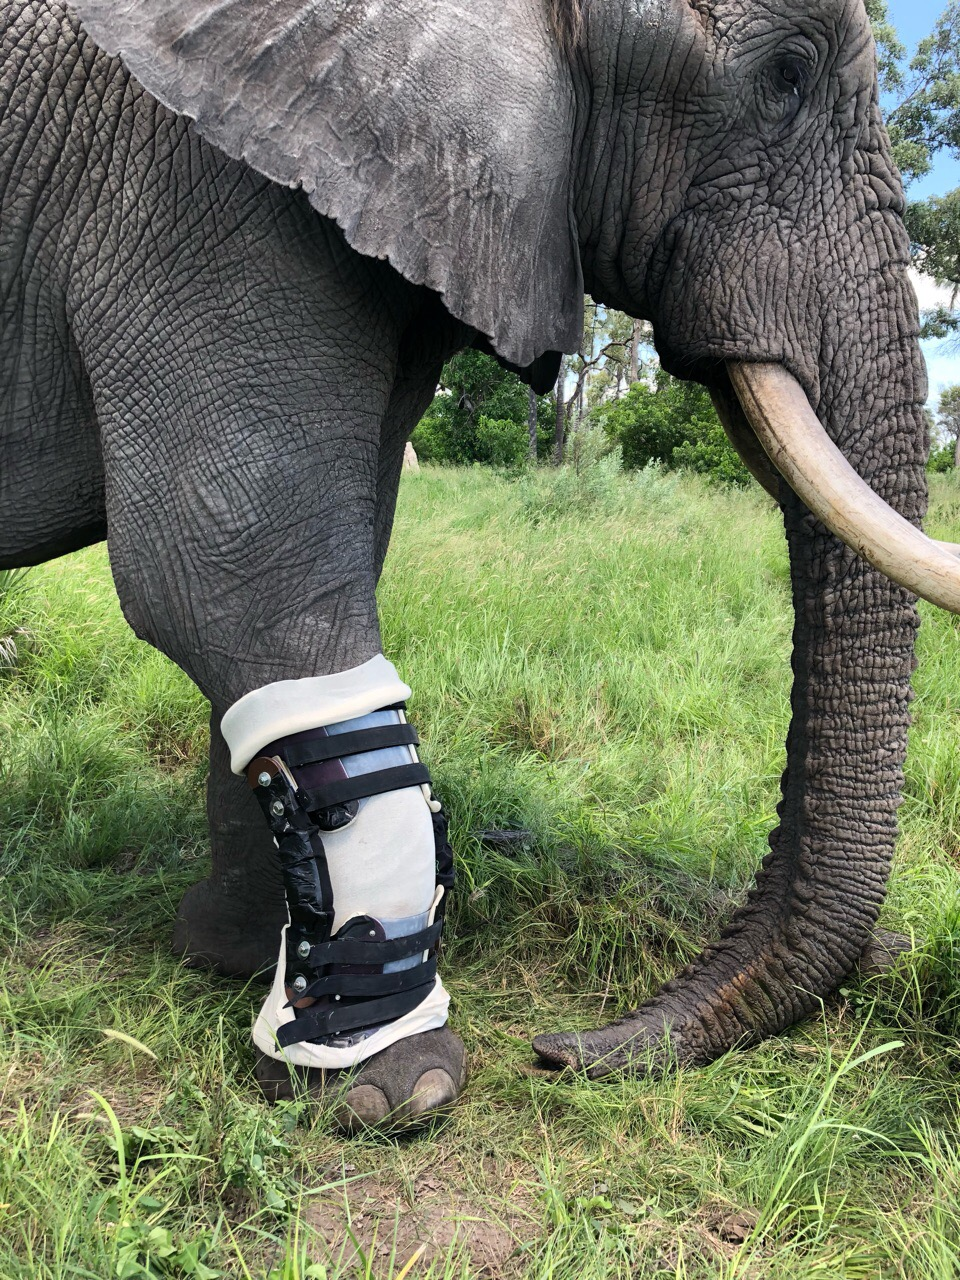 Jabu sporting the World's First Elephant Orthotic Leg brace - fully adjusted